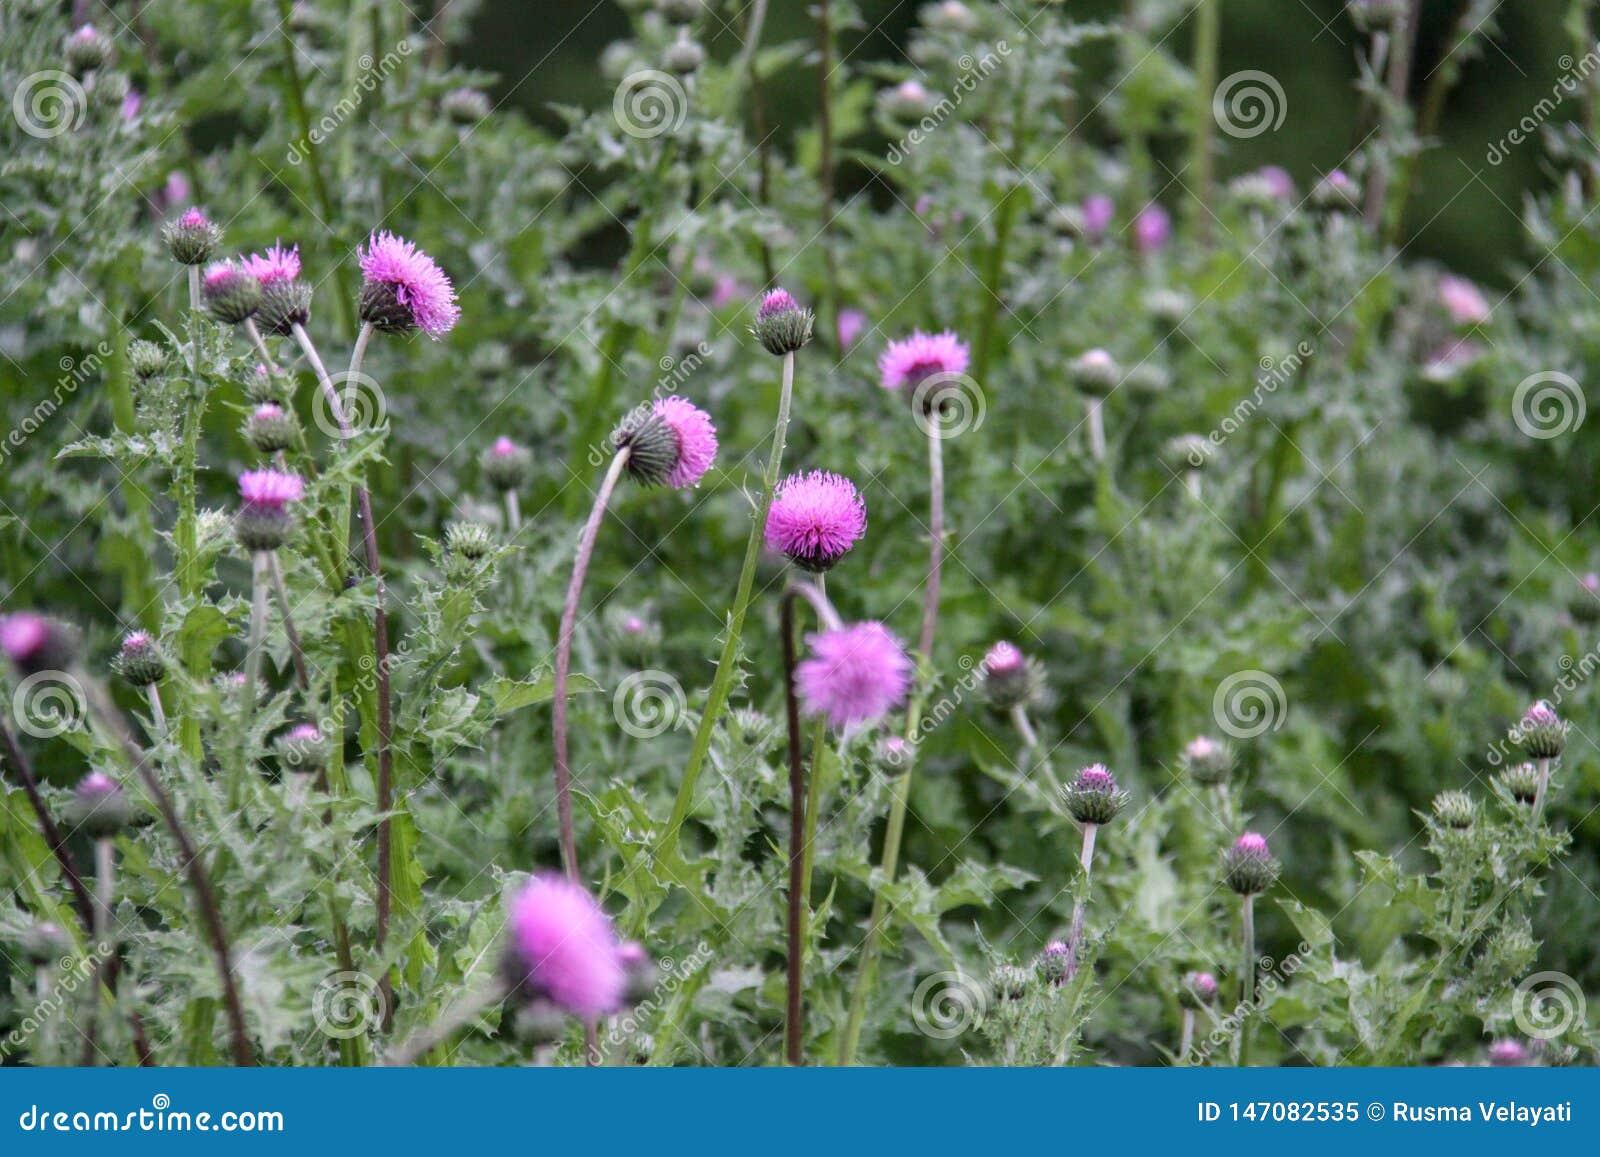 Vulgare de Cirsium, ?galement connu sous le nom de chardon de lance, chardon de taureau, ou chardon commun